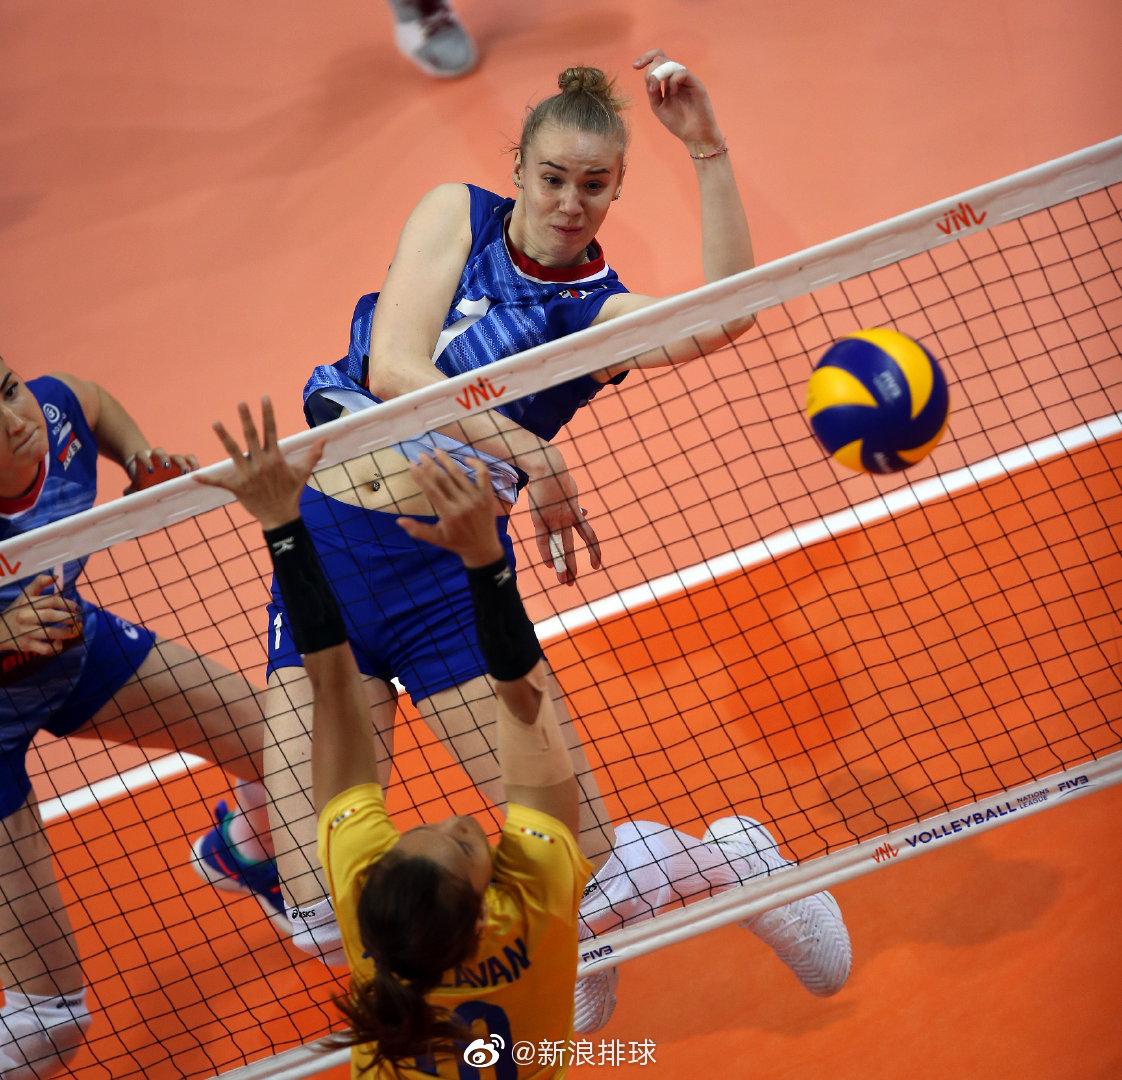 俄罗斯叶卡捷琳堡站,俄罗斯女排1-3泰国女排